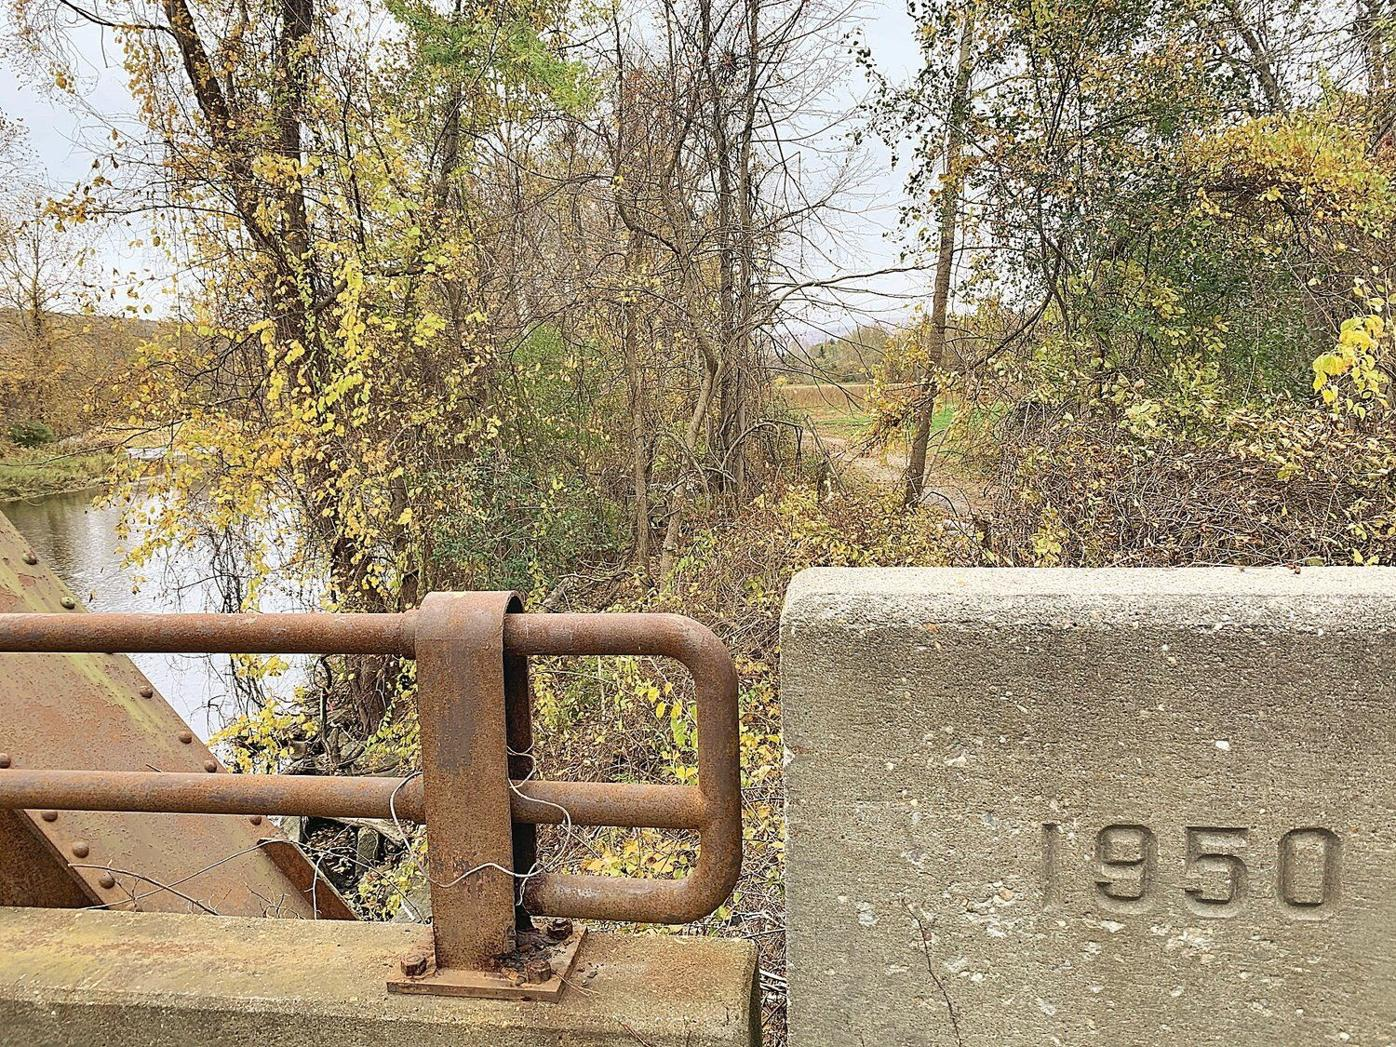 Bridges closed: Shutdowns take toll on commerce, fray nerves